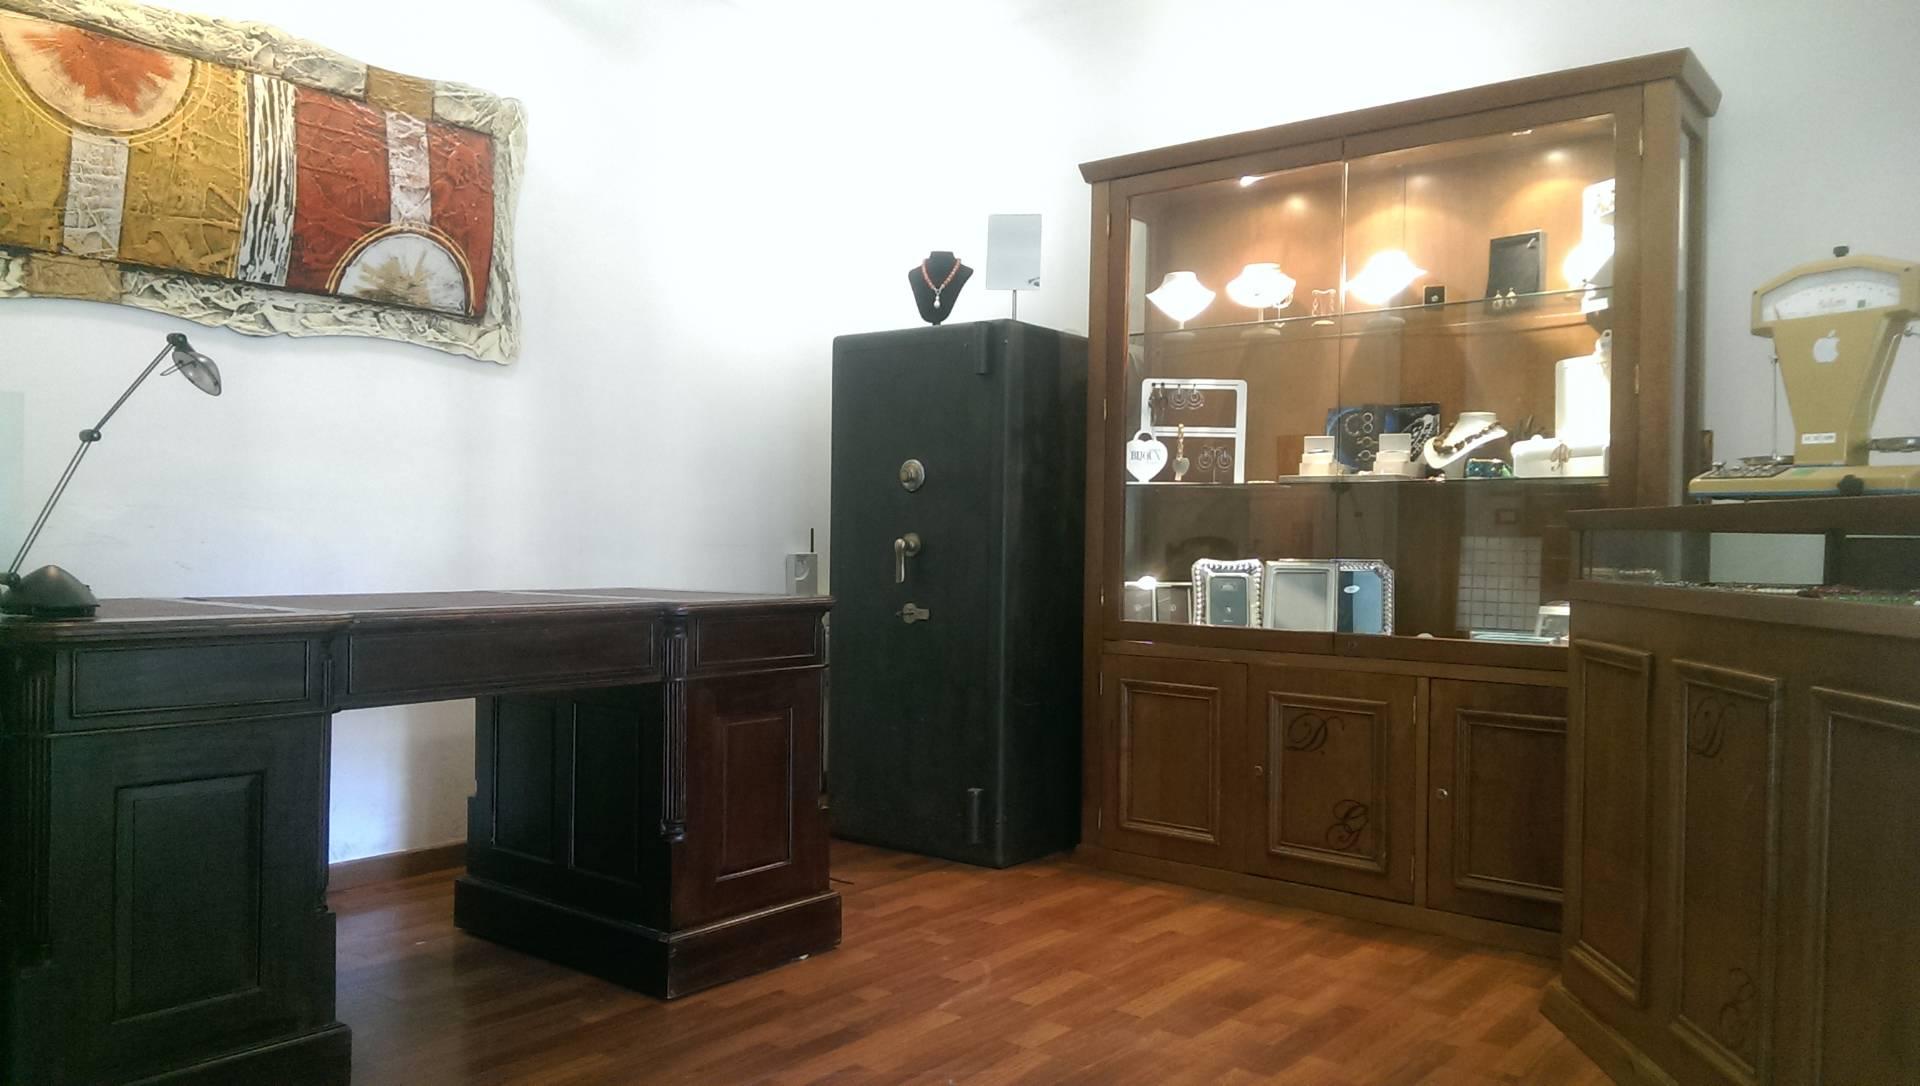 Negozio / Locale in affitto a Palermo, 9999 locali, zona Zona: Libertà, prezzo € 450 | Cambio Casa.it